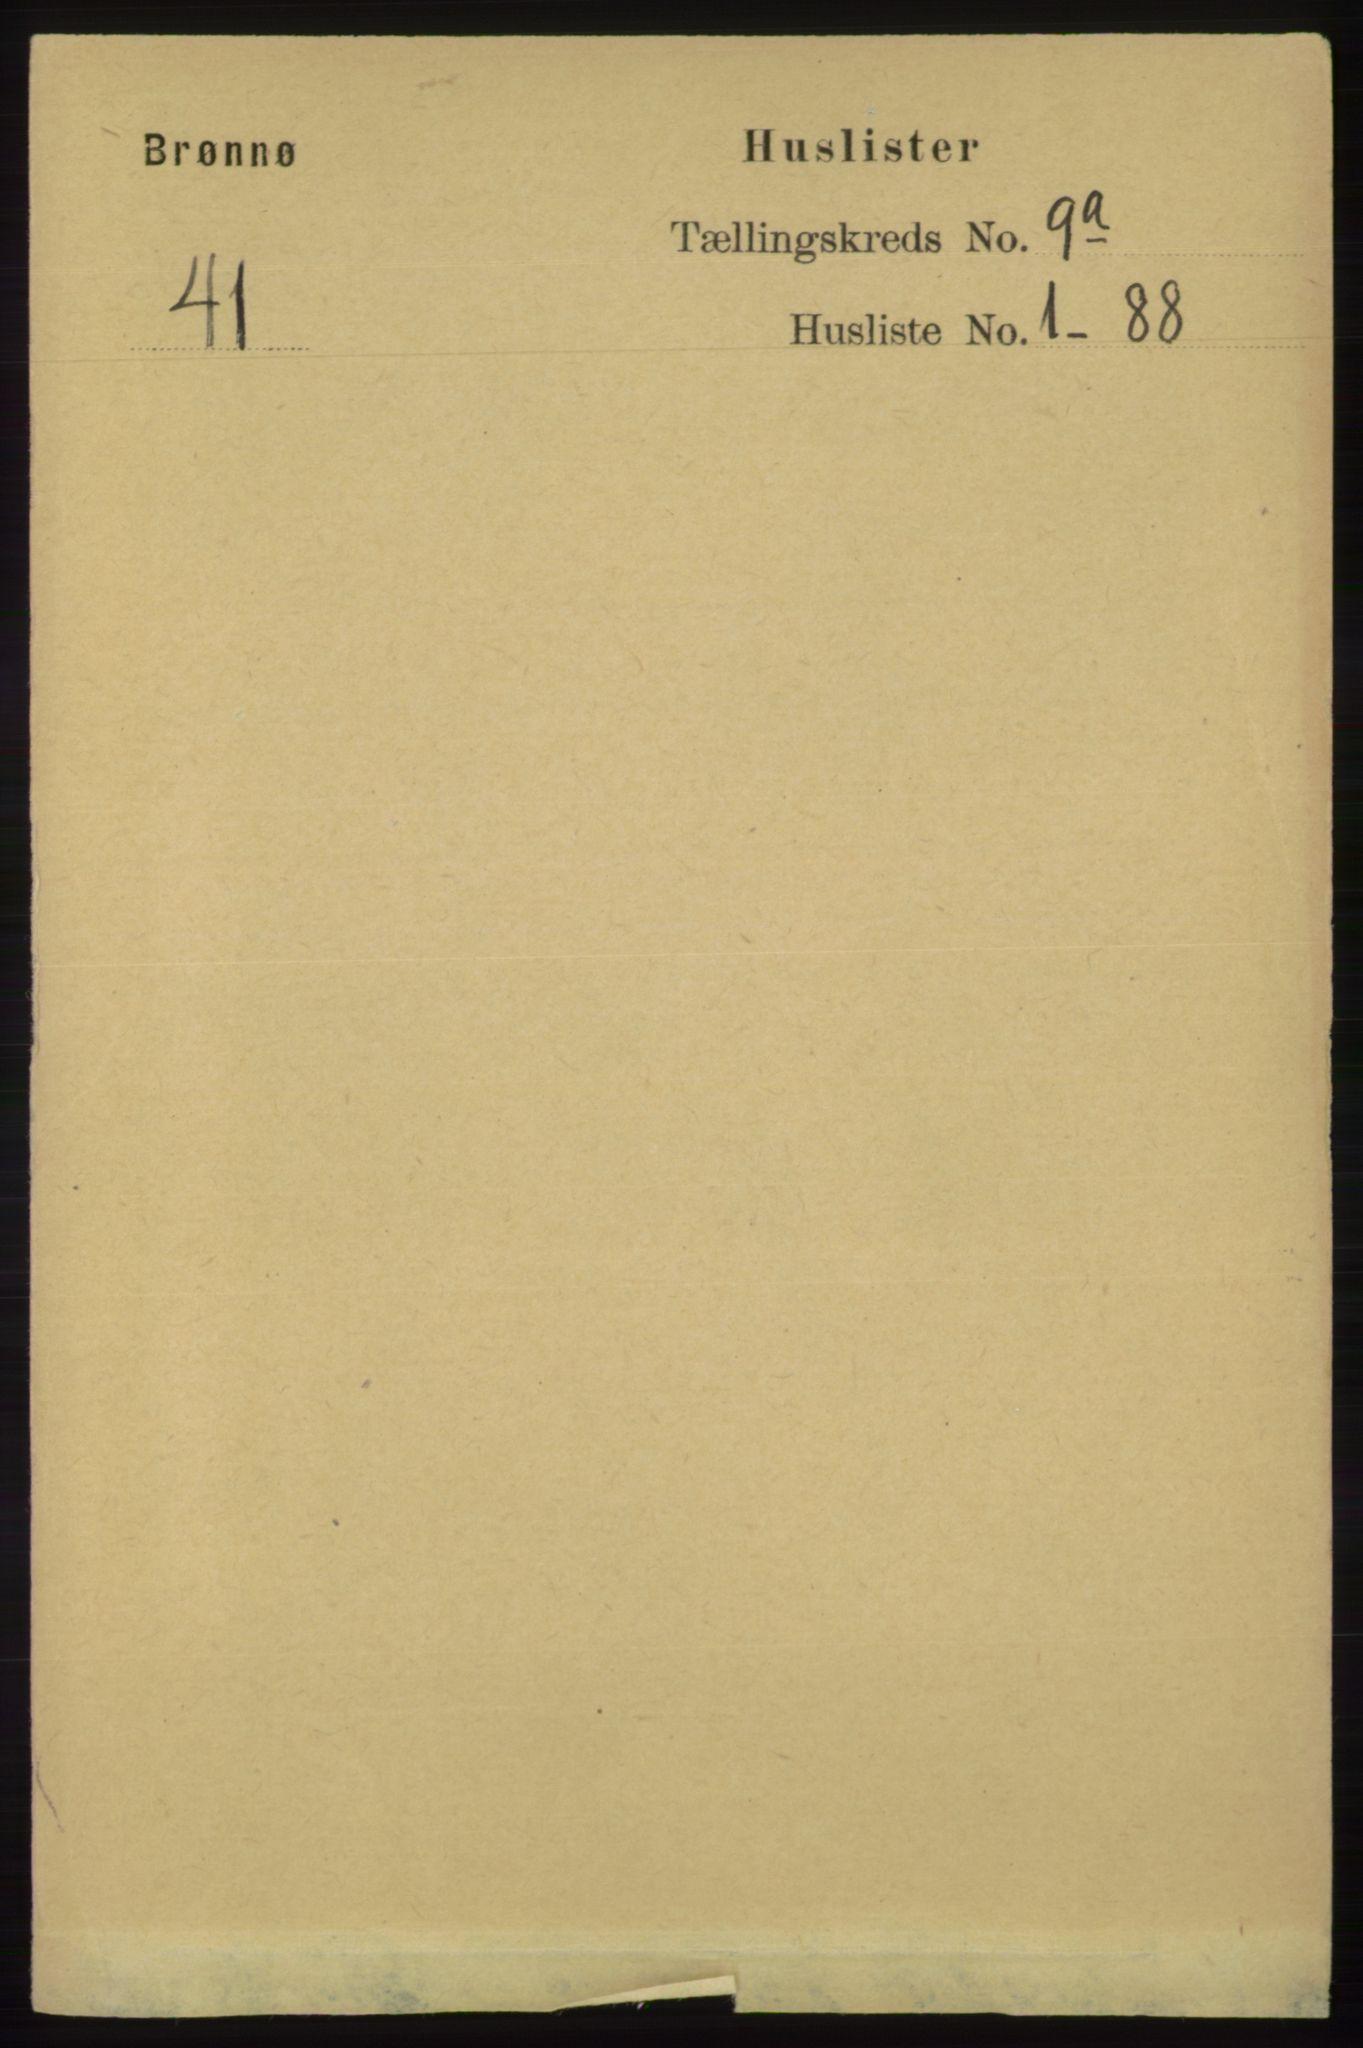 RA, Folketelling 1891 for 1814 Brønnøy herred, 1891, s. 4817